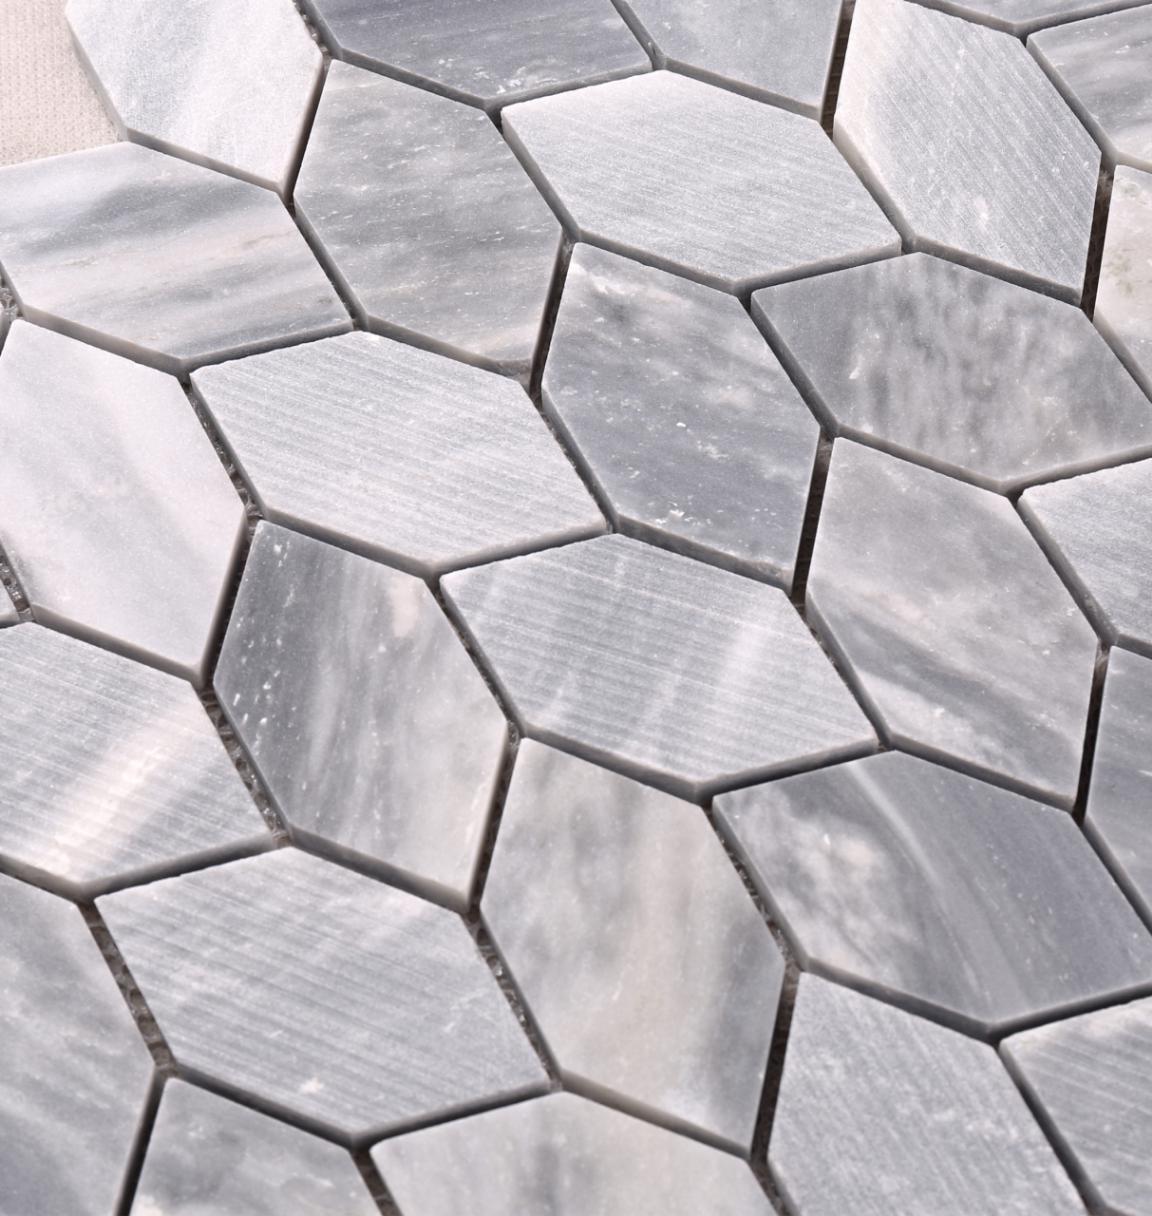 Heng Xing-Oem Odm Glass Mosaic, Mosaic Glass Tile | Heng Xing-3